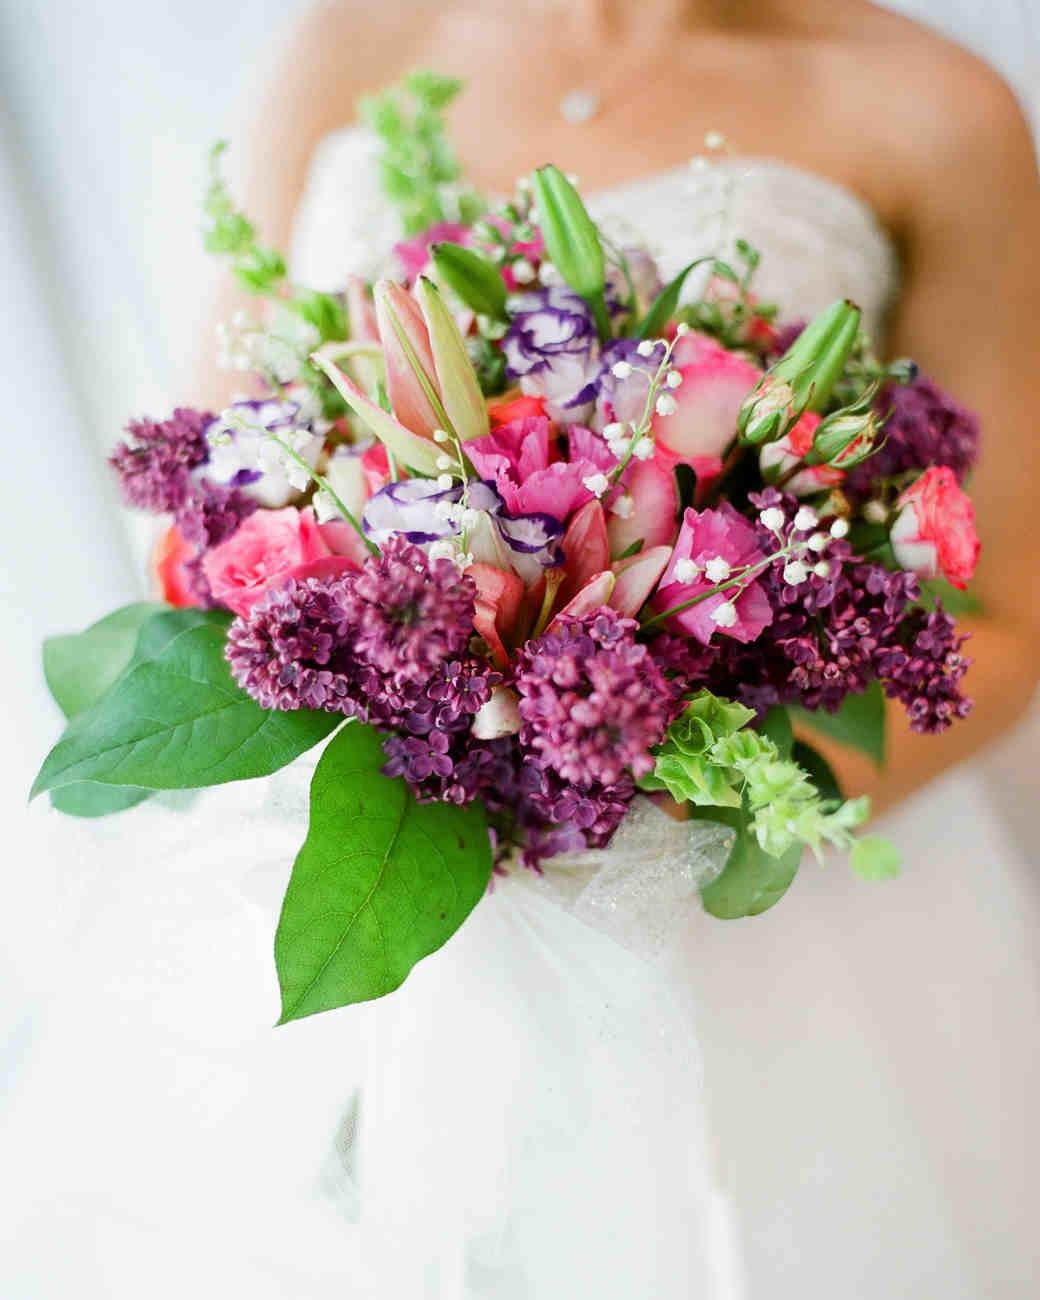 complete guide to purple wedding flowers purple flower - HD1040×1300